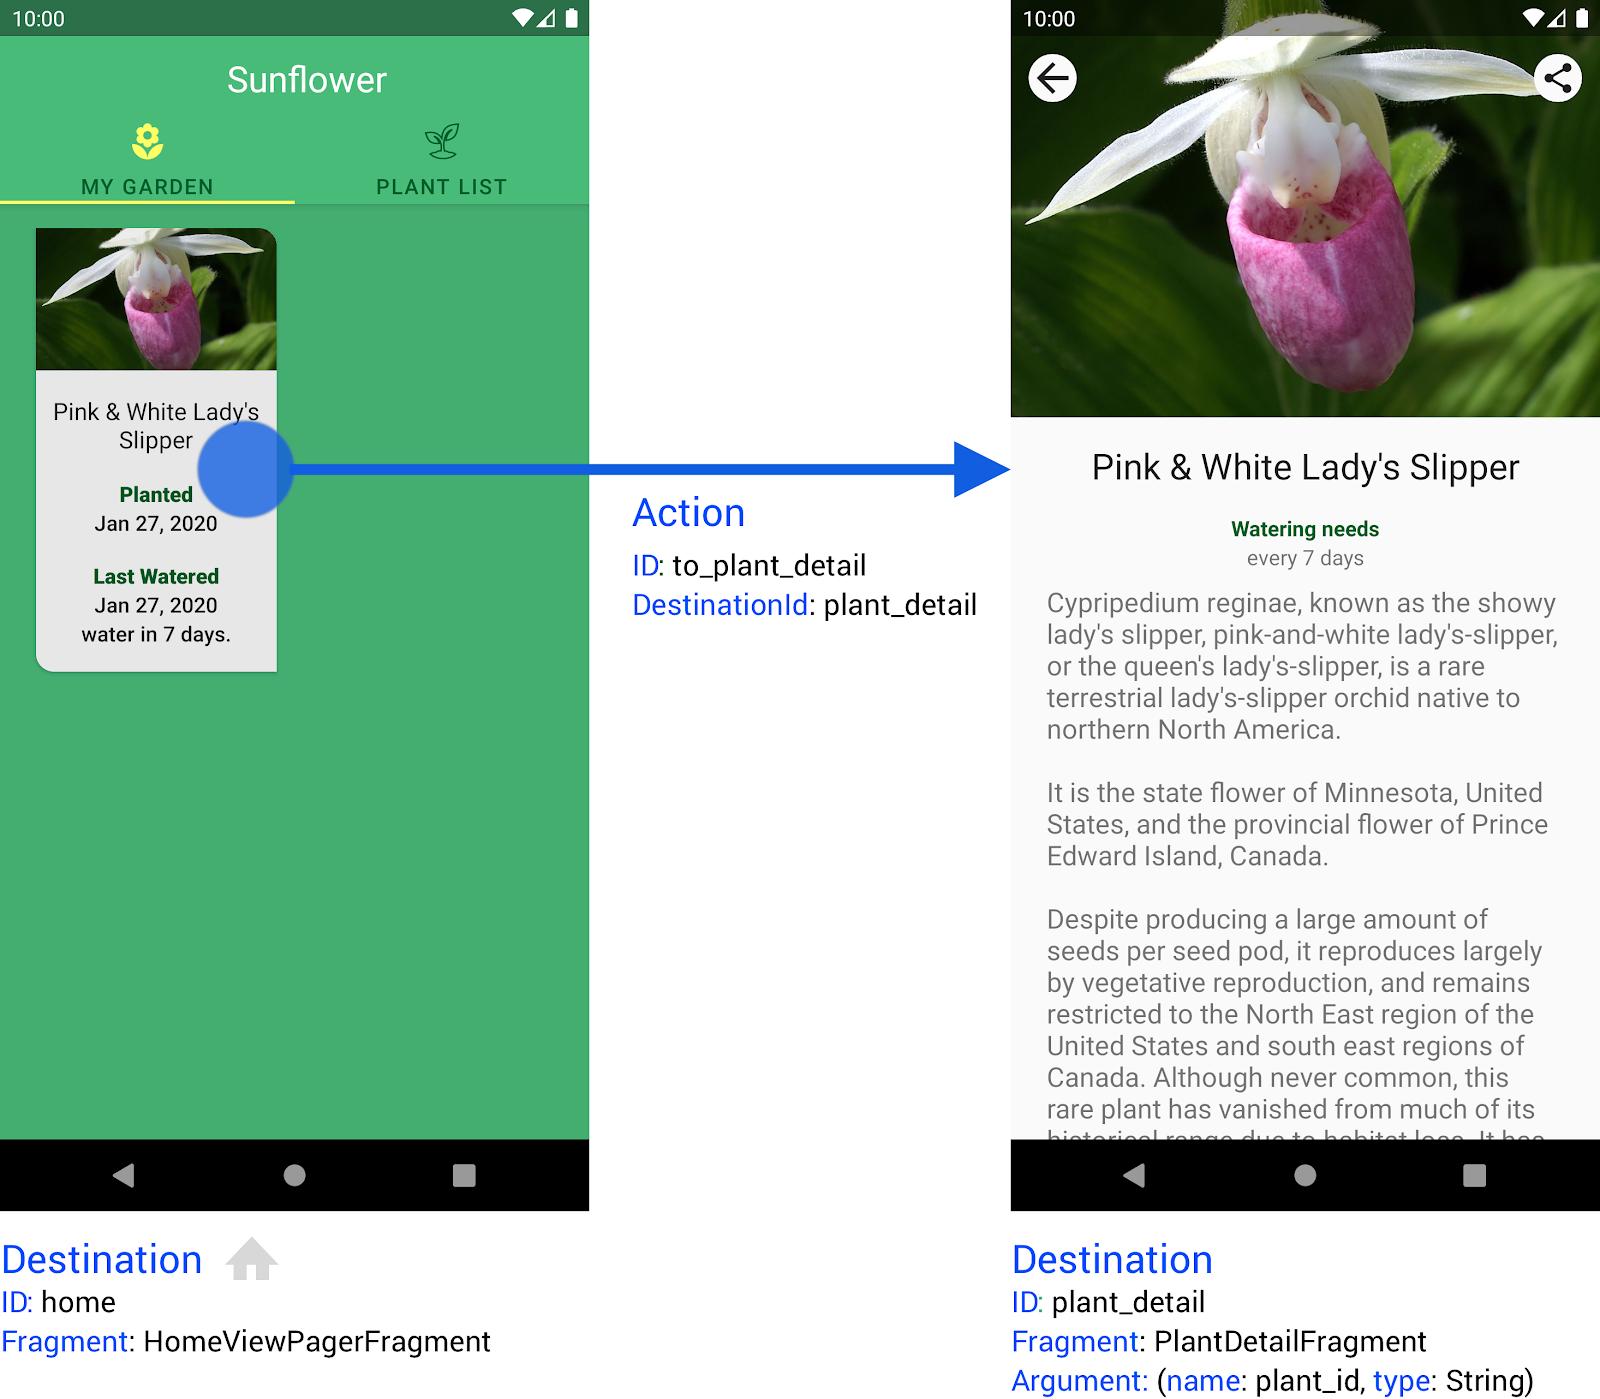 La app de Sunflower tiene dos destinos junto con una acción que los conecta.